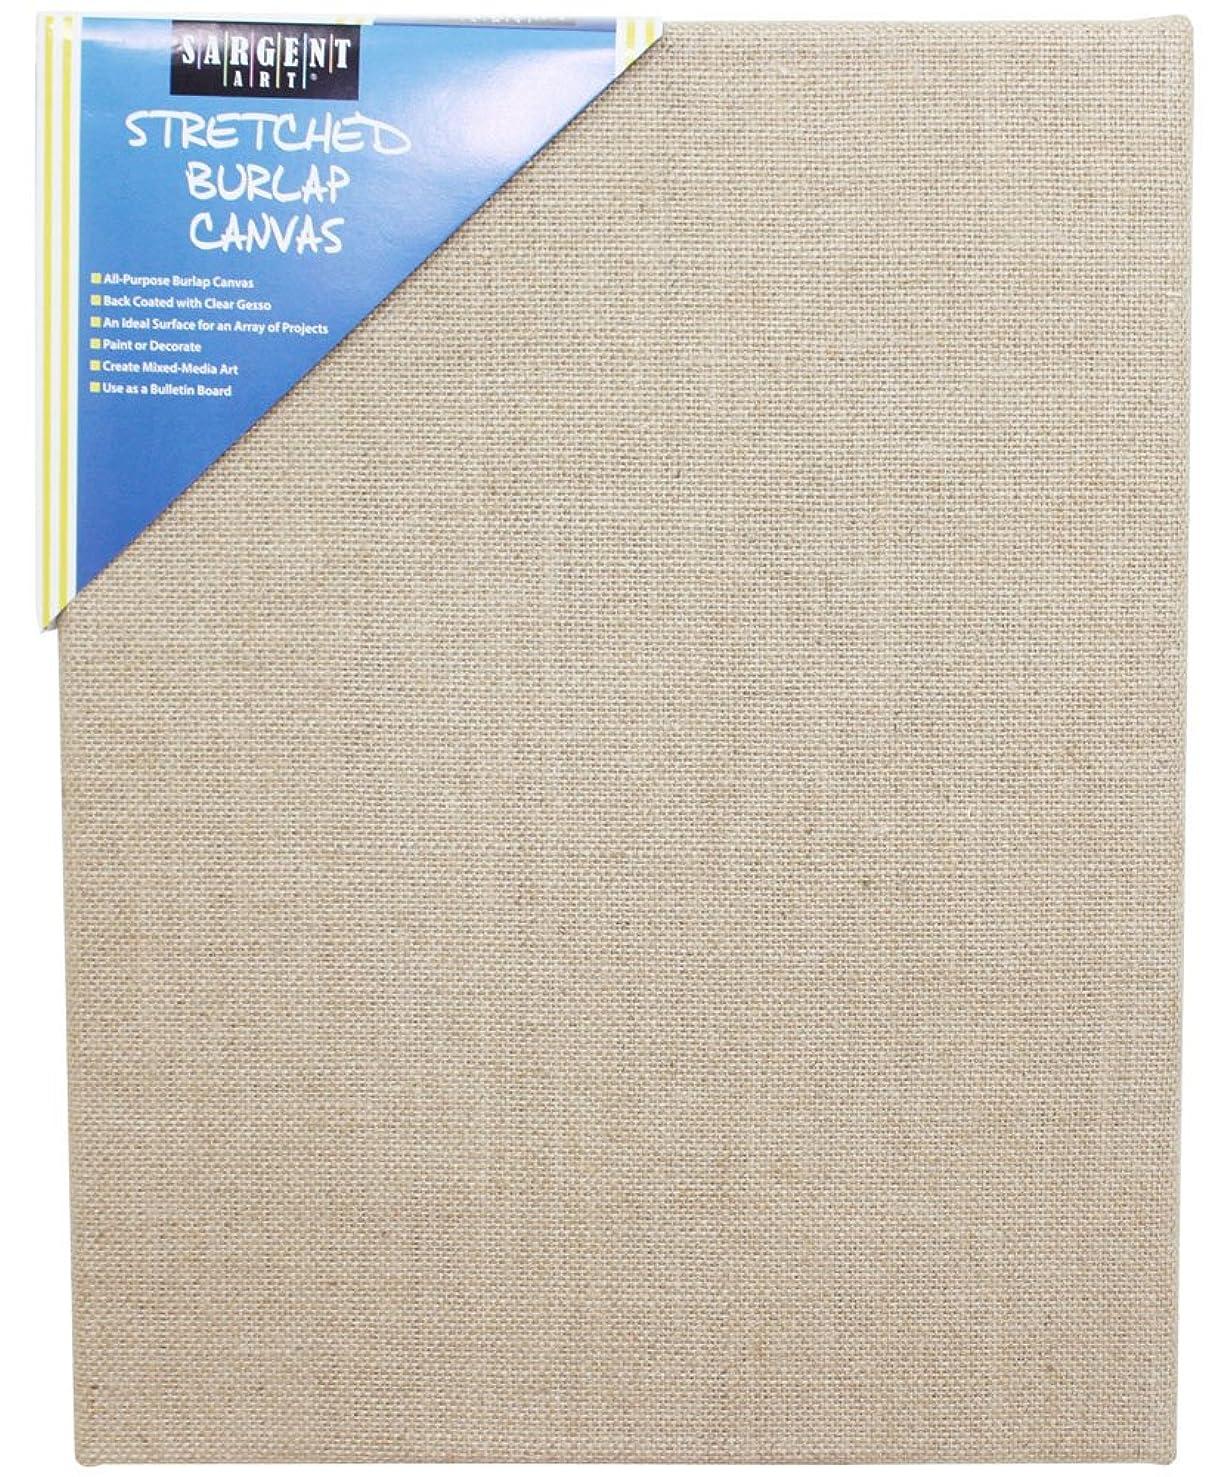 Sargent Art 90-2027 Stretched Burlap Canvas, 11 x 14